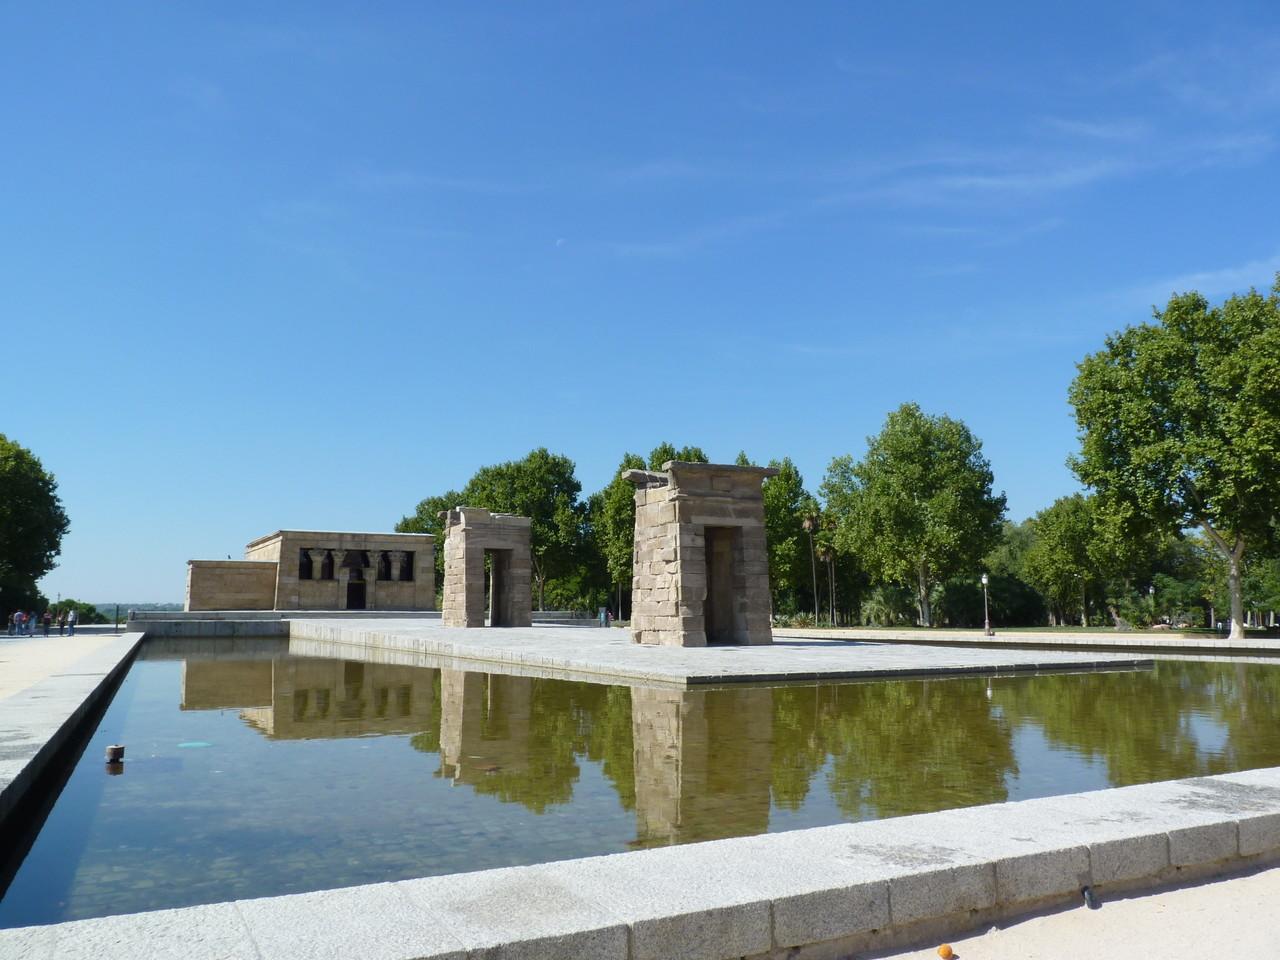 Romântica Madrid-Templo de Debod (1).JPG